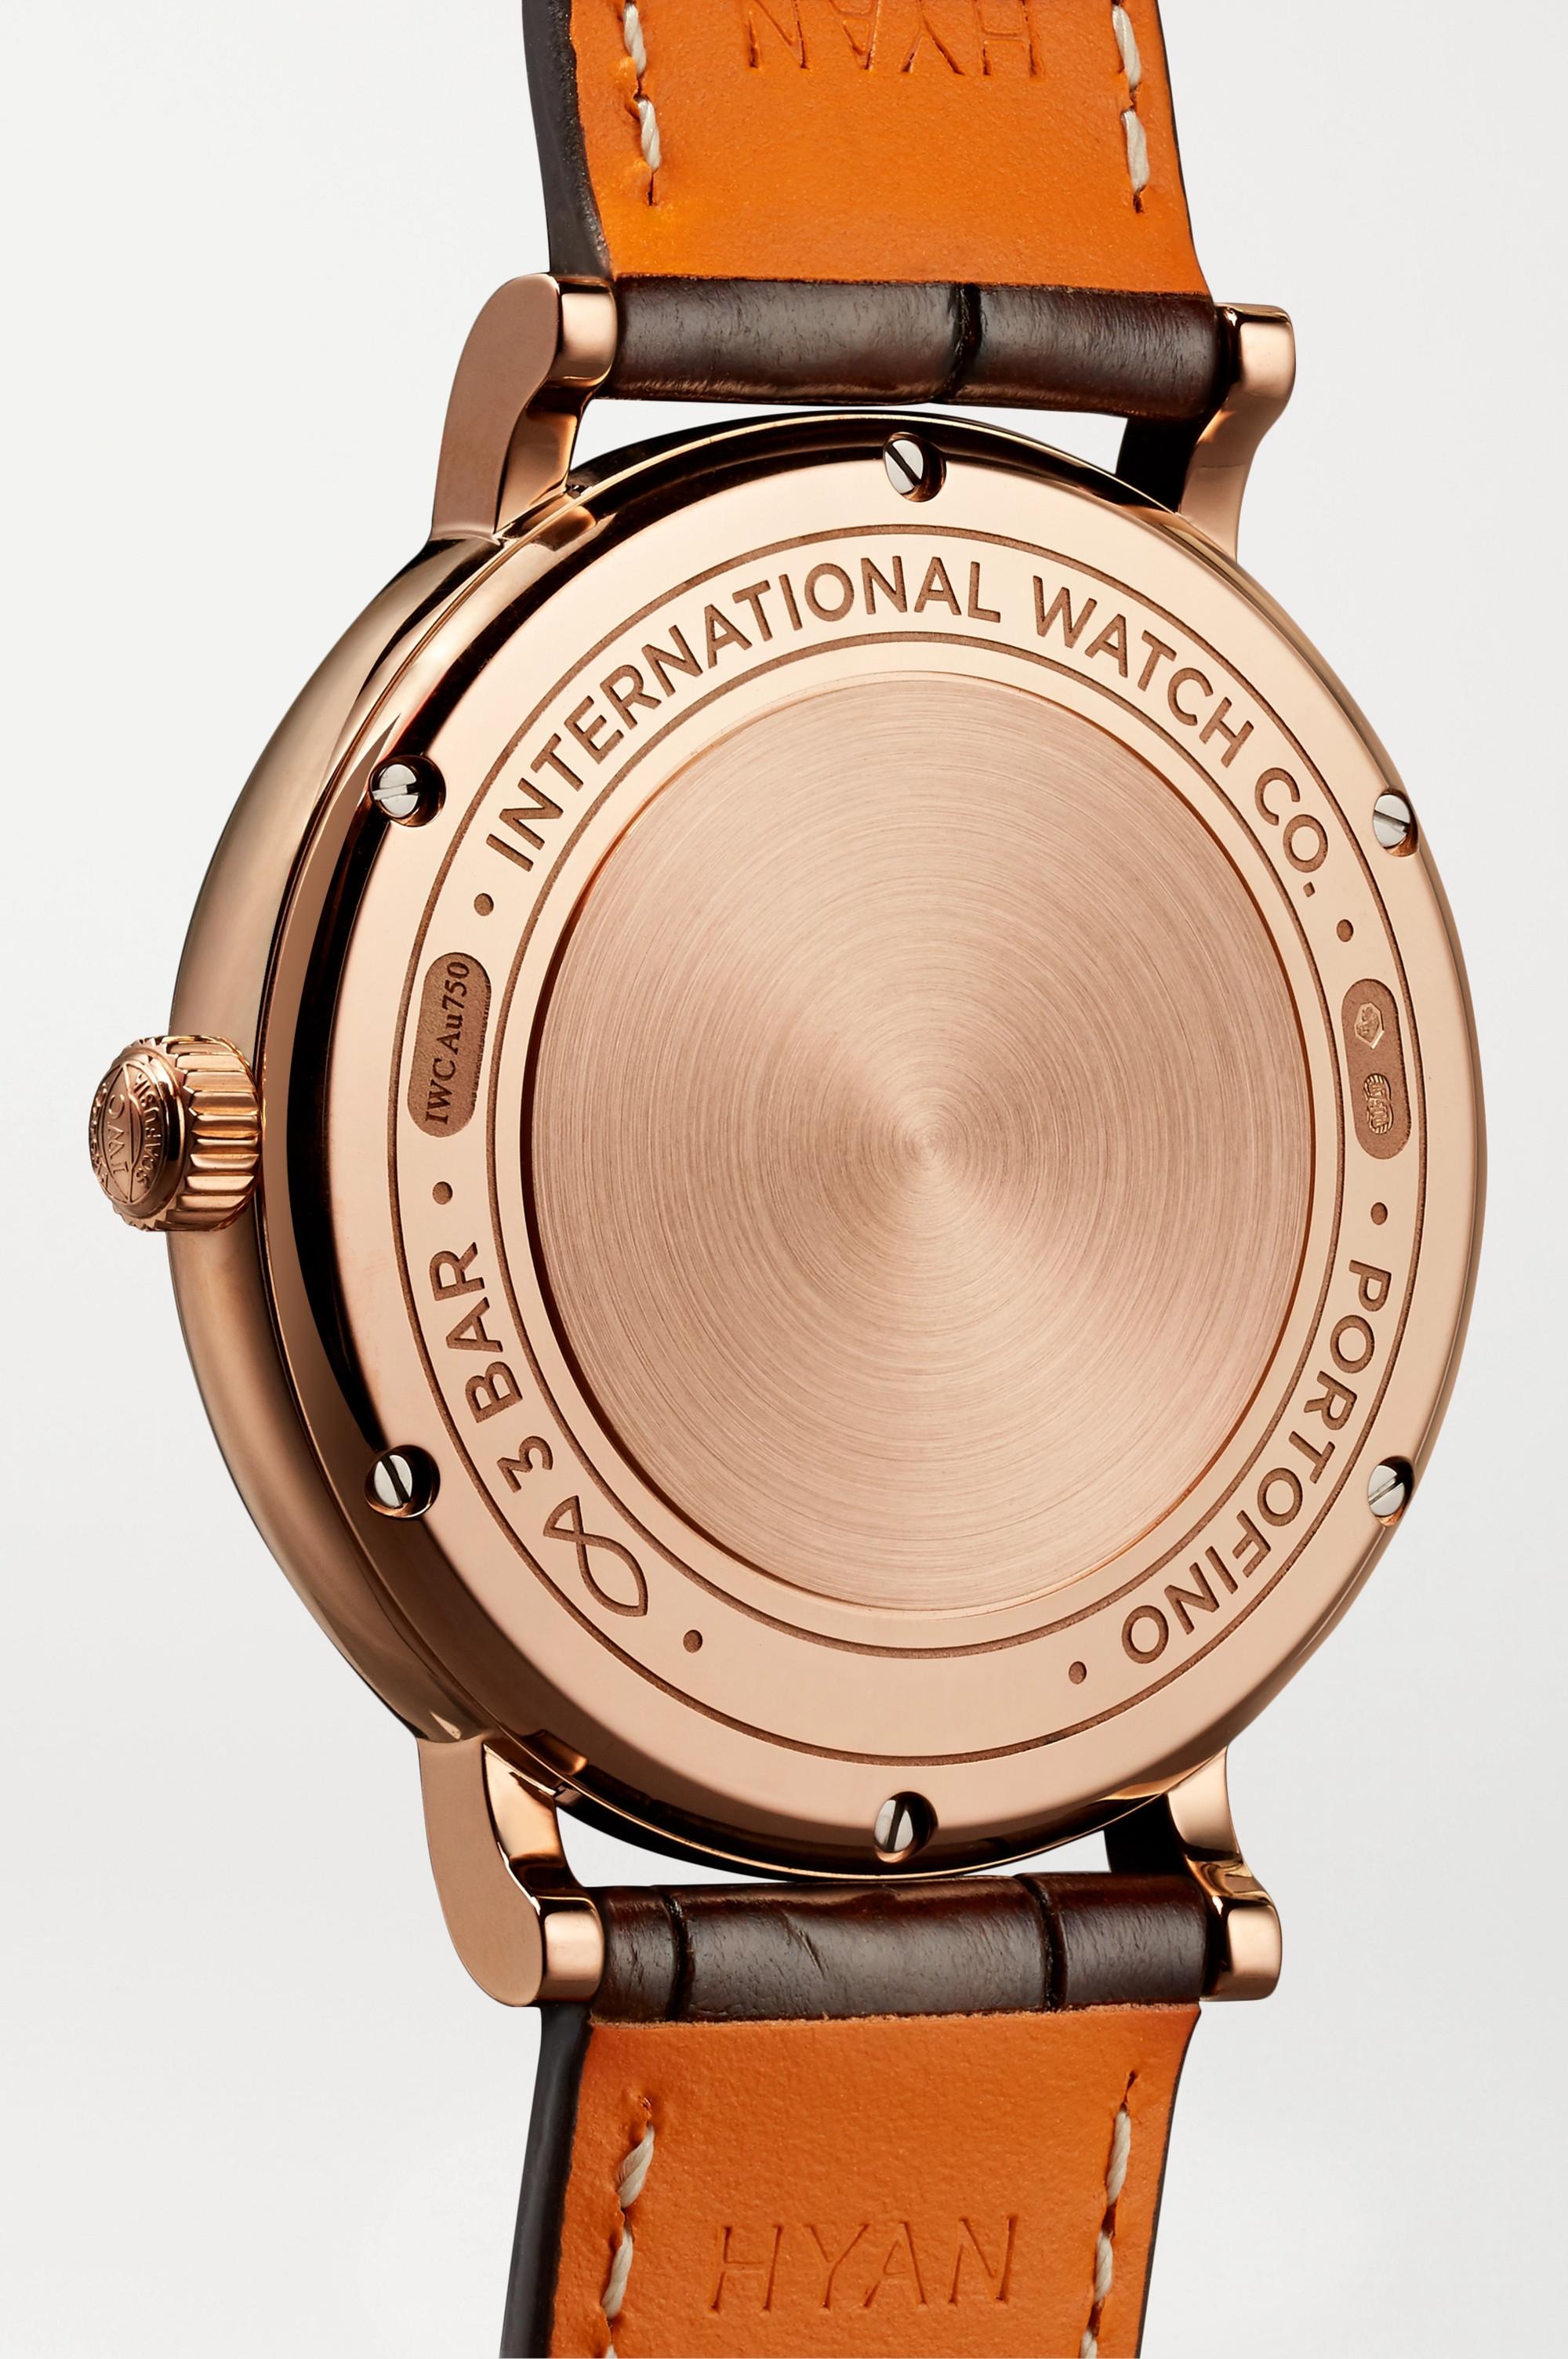 IWC SCHAFFHAUSEN Portofino Automatic 37 mm Uhr aus 18 Karat Rotgold mit Diamanten und Alligatorlederarmband